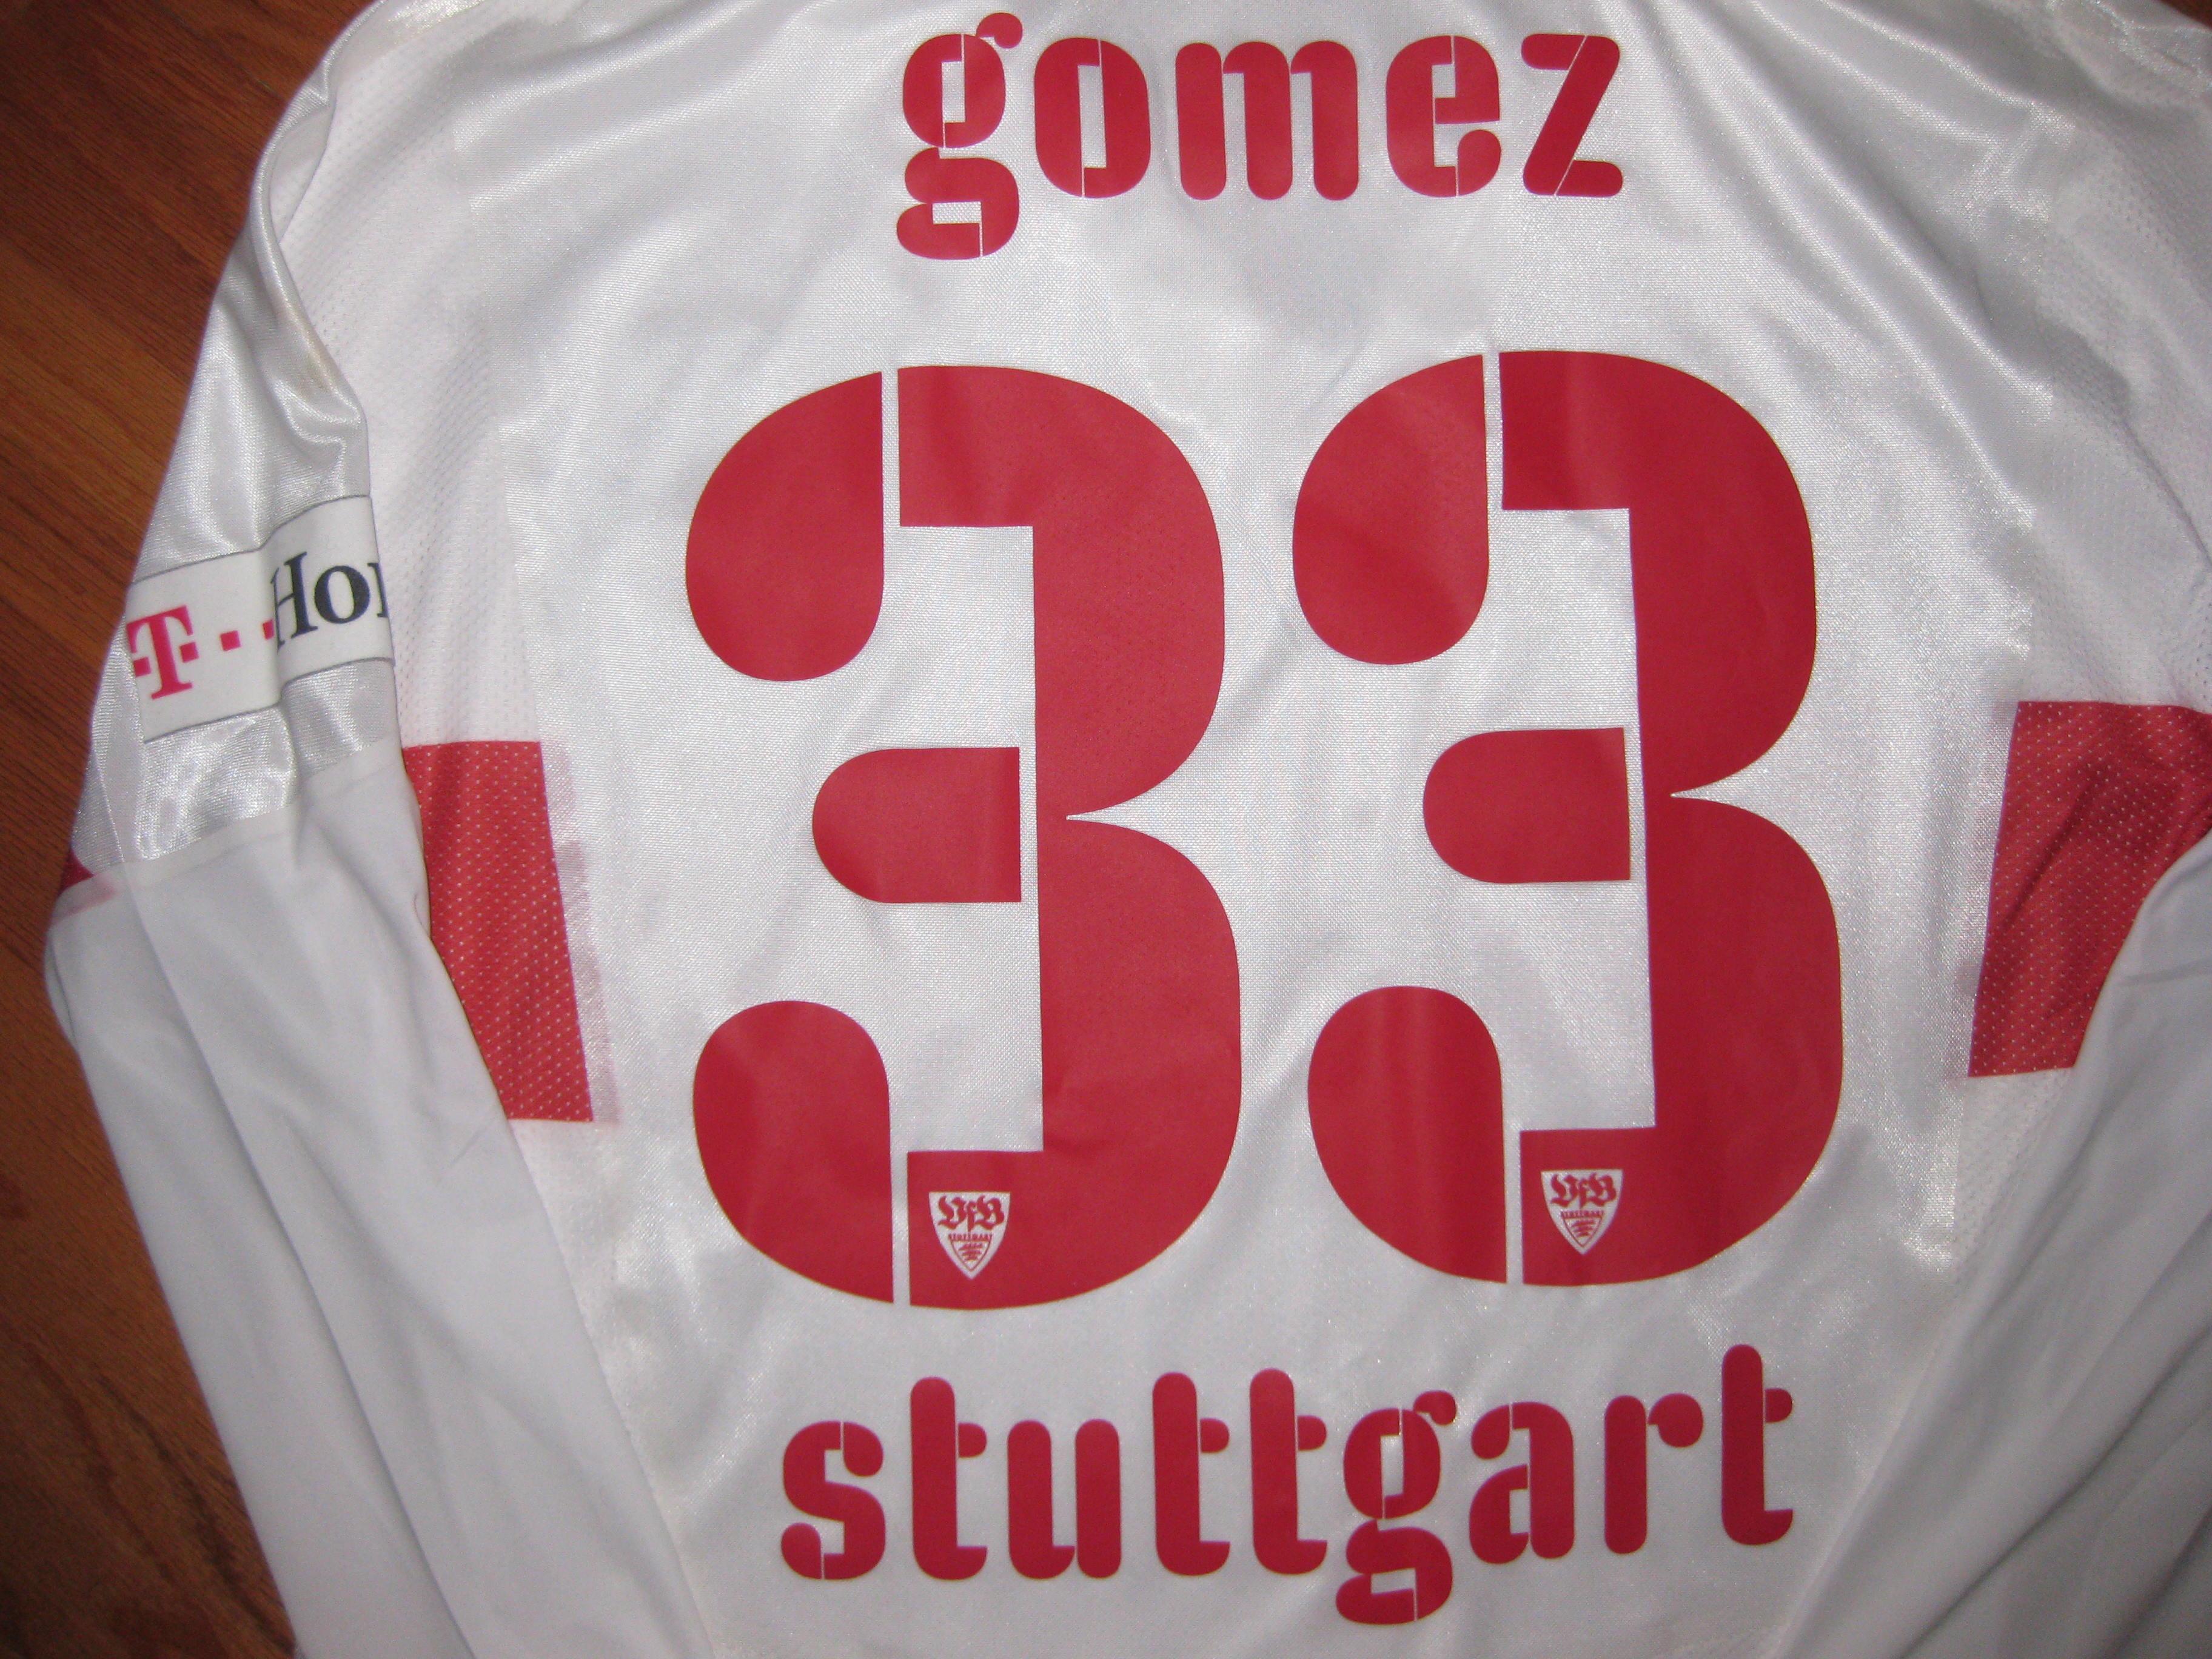 Chùm ảnh: VfB Stuttgart jersey (32)